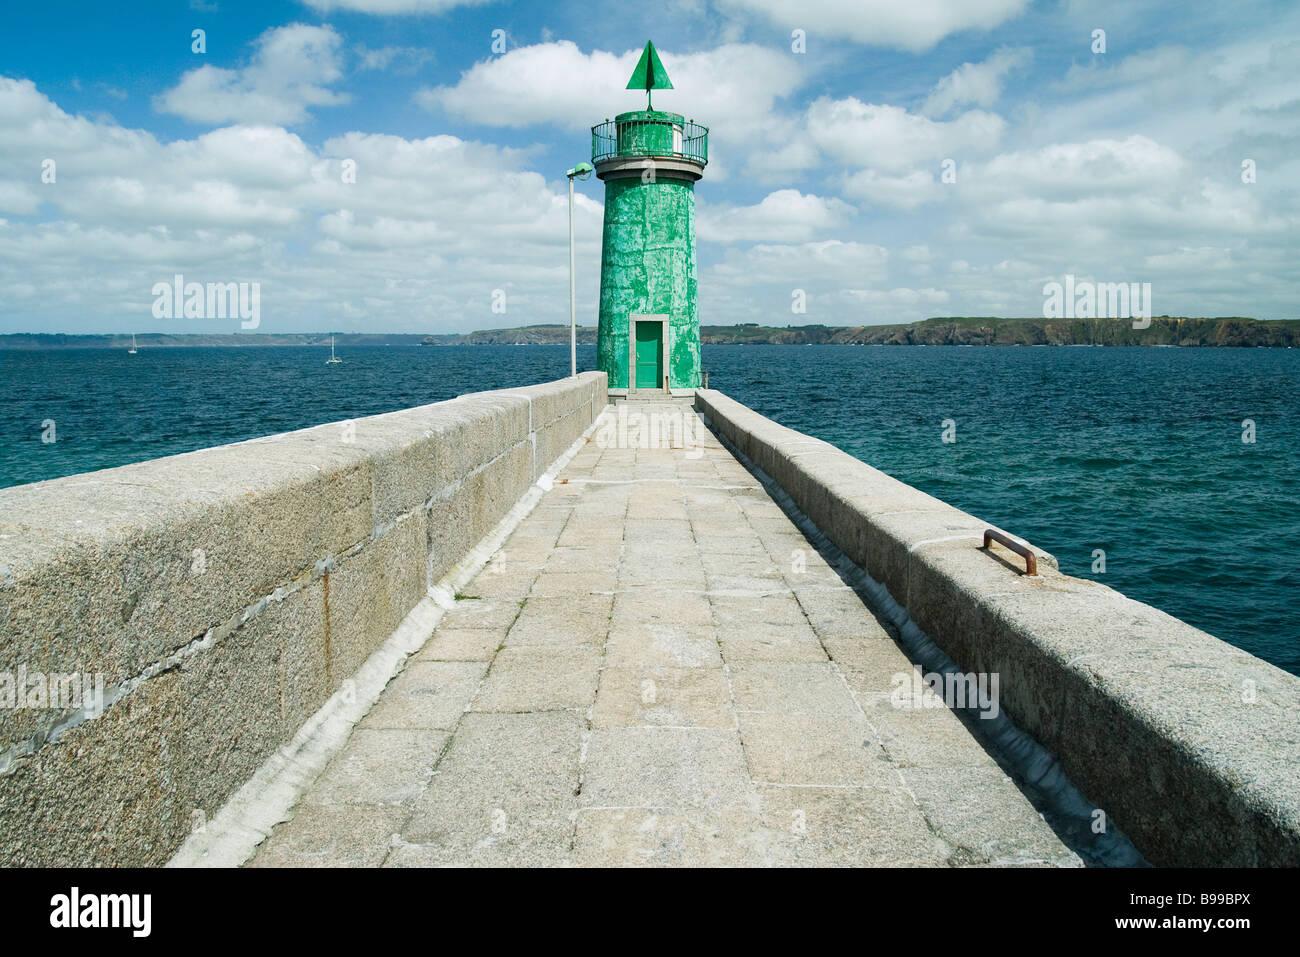 Phare de la fin de l'ouvrage, Camaret-sur-Mer, Bretagne, France Photo Stock